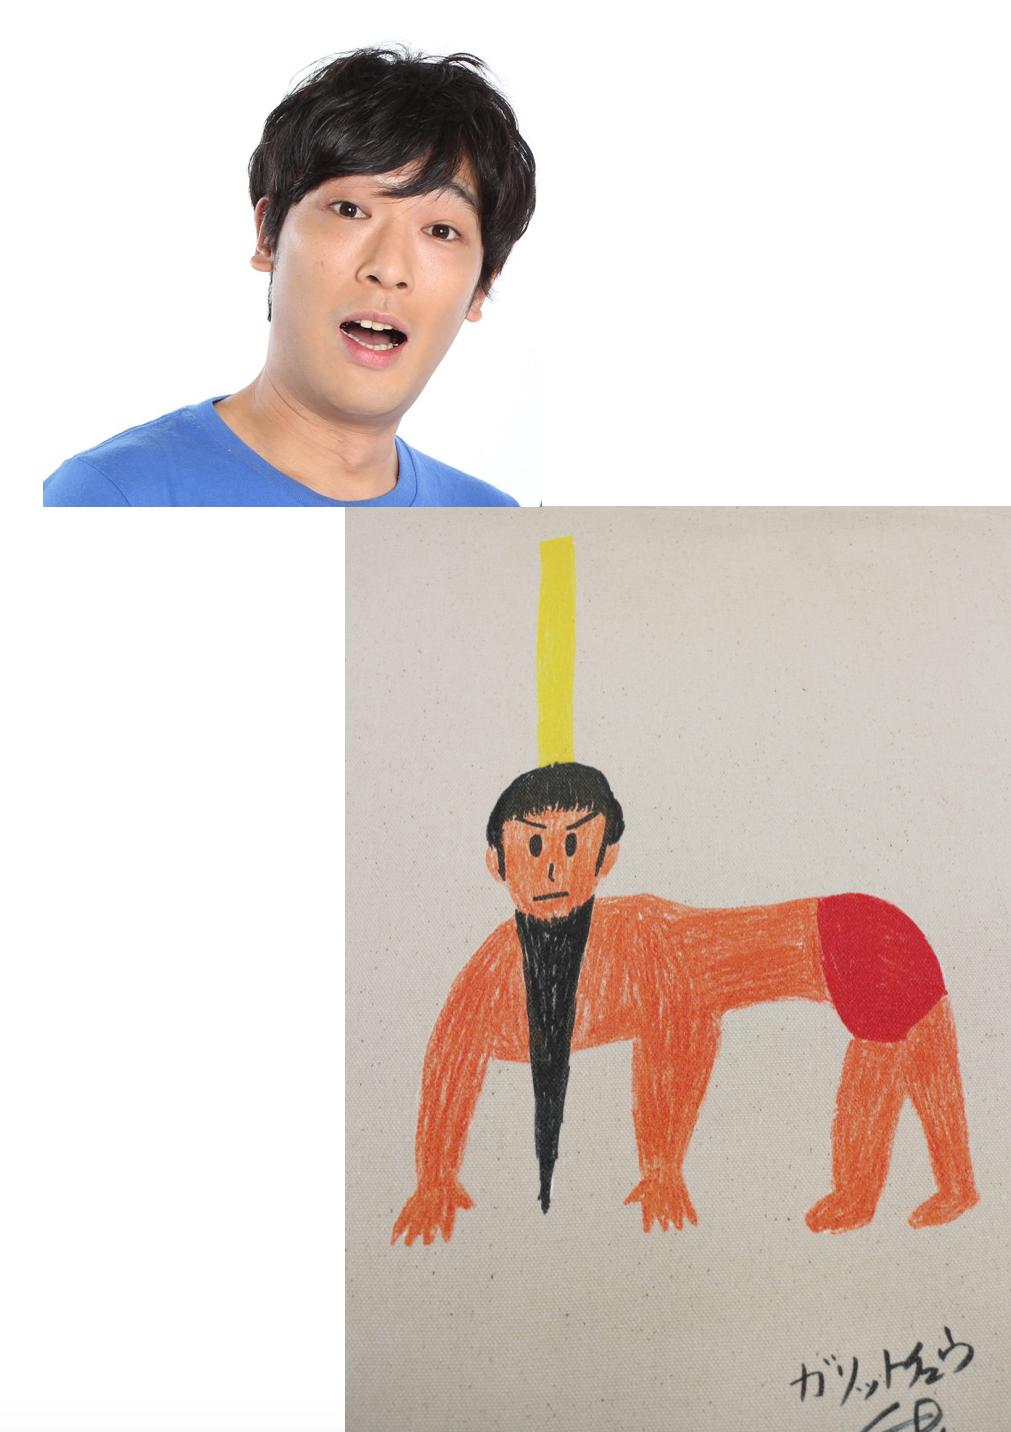 【京都国際映画祭展示の吉本芸人アートバッグ】ガリットチュウ 熊谷「妖怪ヒゲ筆男子」